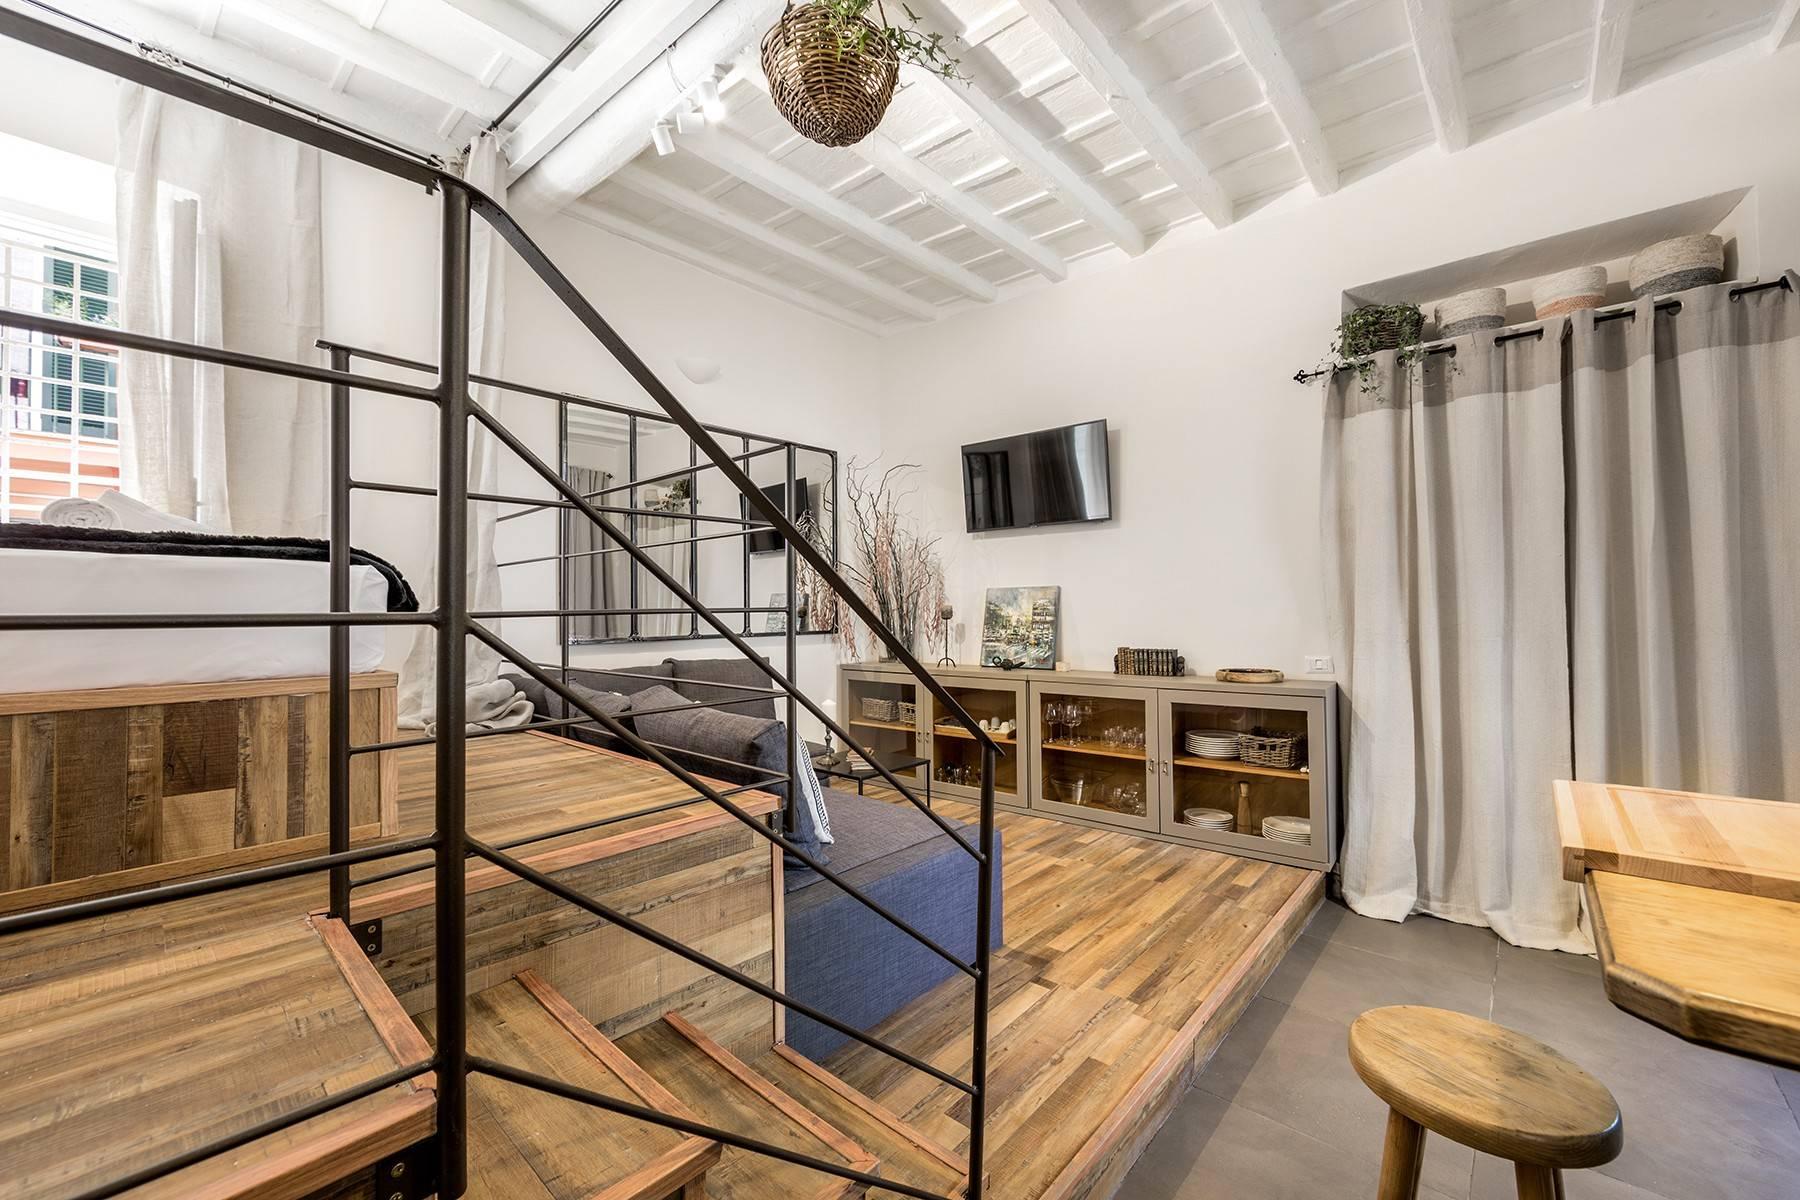 Appartamento in Affitto a Roma 28 Trastevere / Testaccio: 1 locali, 45 mq